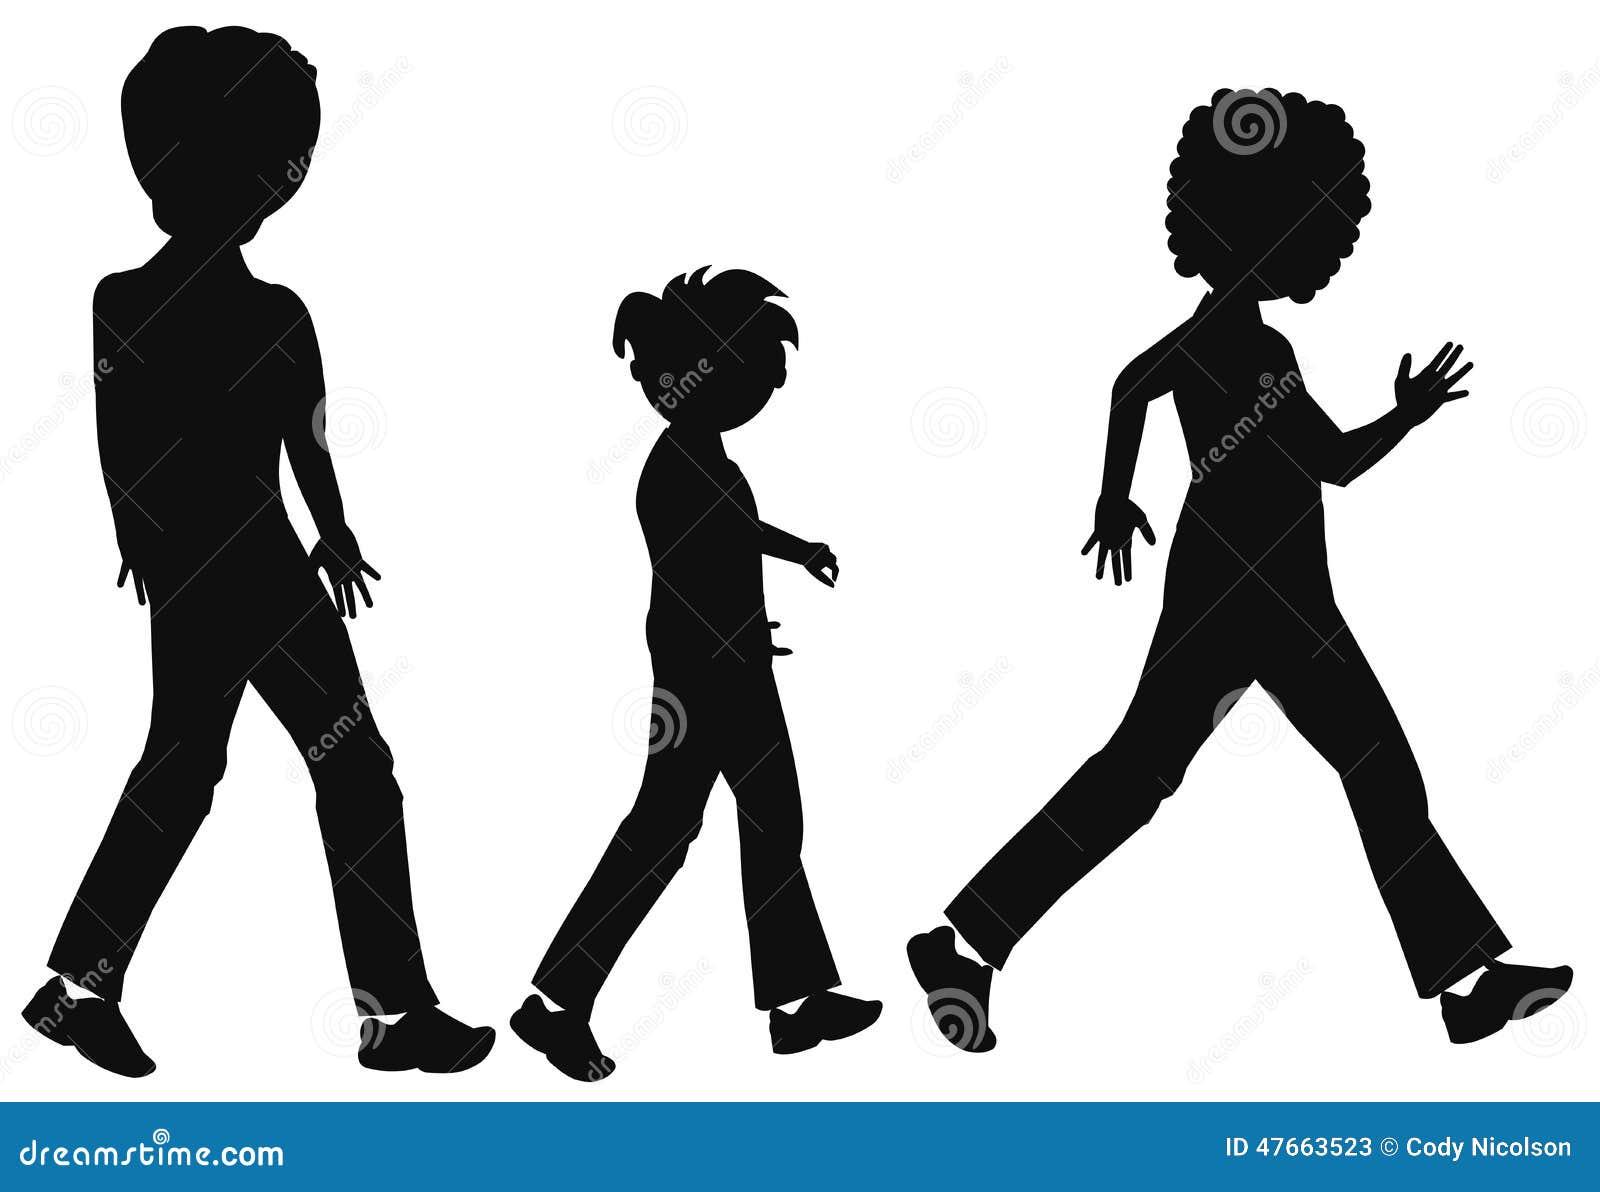 family-walking-silhouette-over-white-47663523 jpgFamily Walking Silhouette